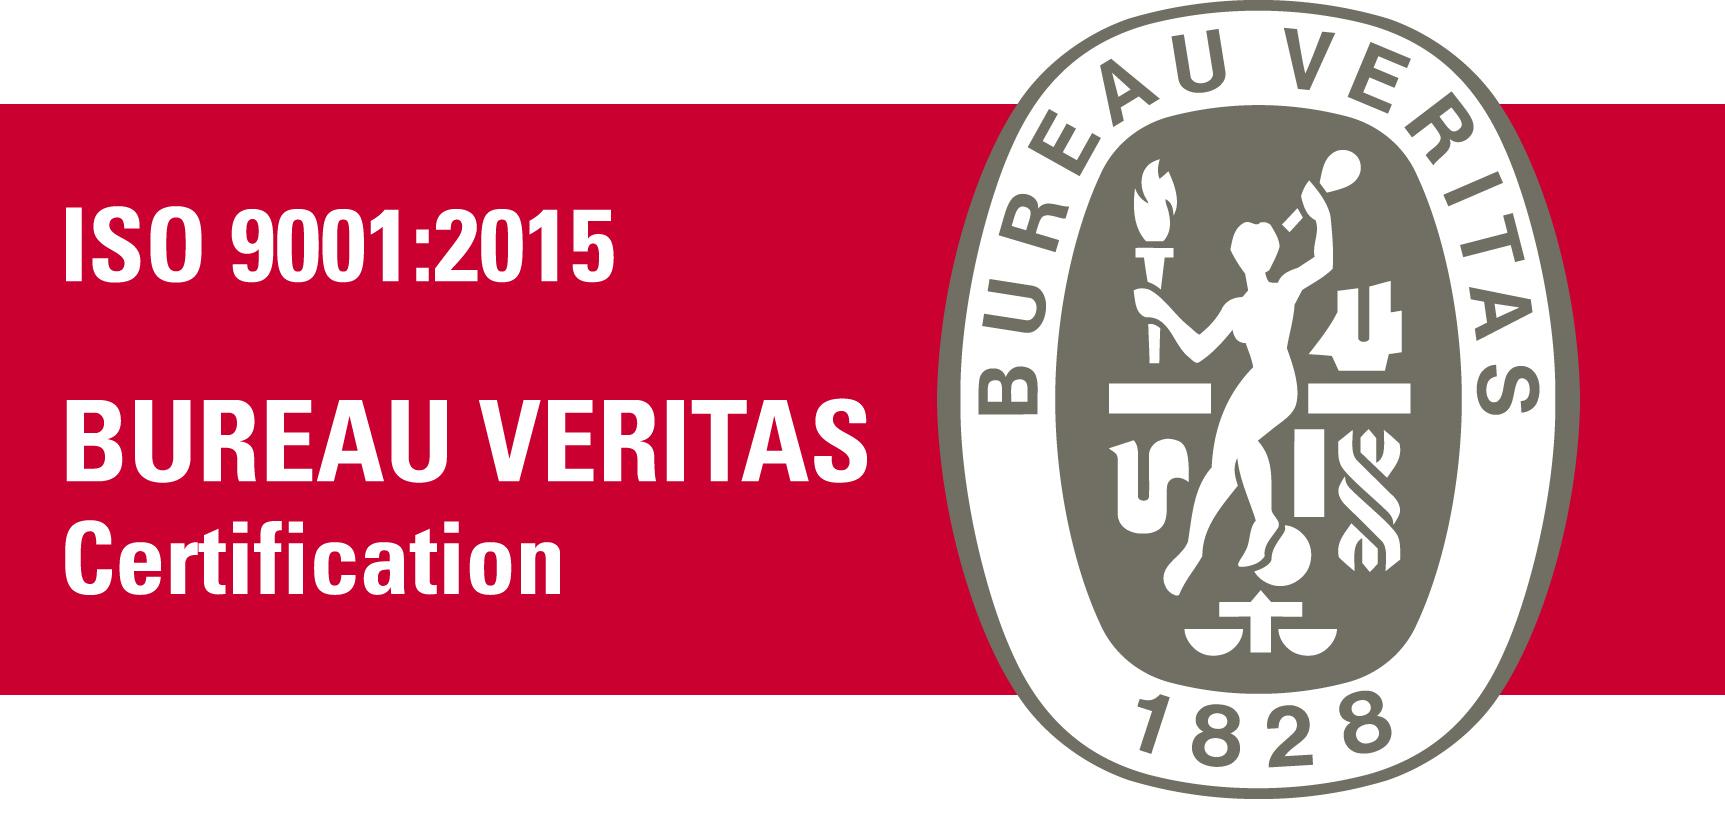 BV_Certification_ISO 9001-2015